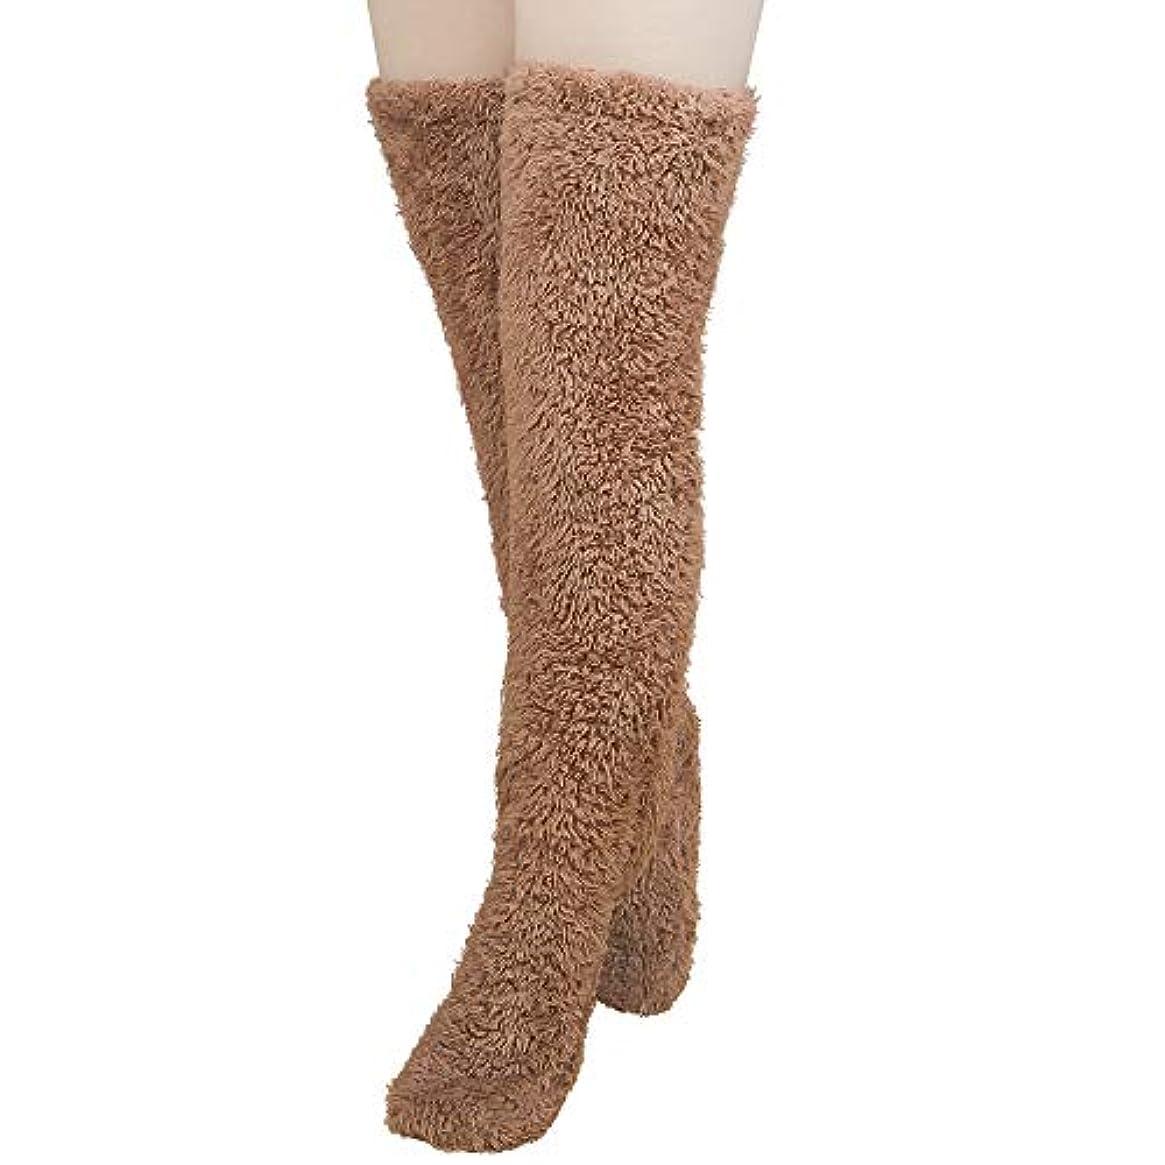 天才落ち込んでいるフェローシップMiuko 足が出せるロングカバー 極暖 レッグウォーマー ふわふわ靴下 ロングソックス 冷えとり靴下 毛布ソックス 冷え対策 防寒ソックス あったか 超厚手 男女兼用